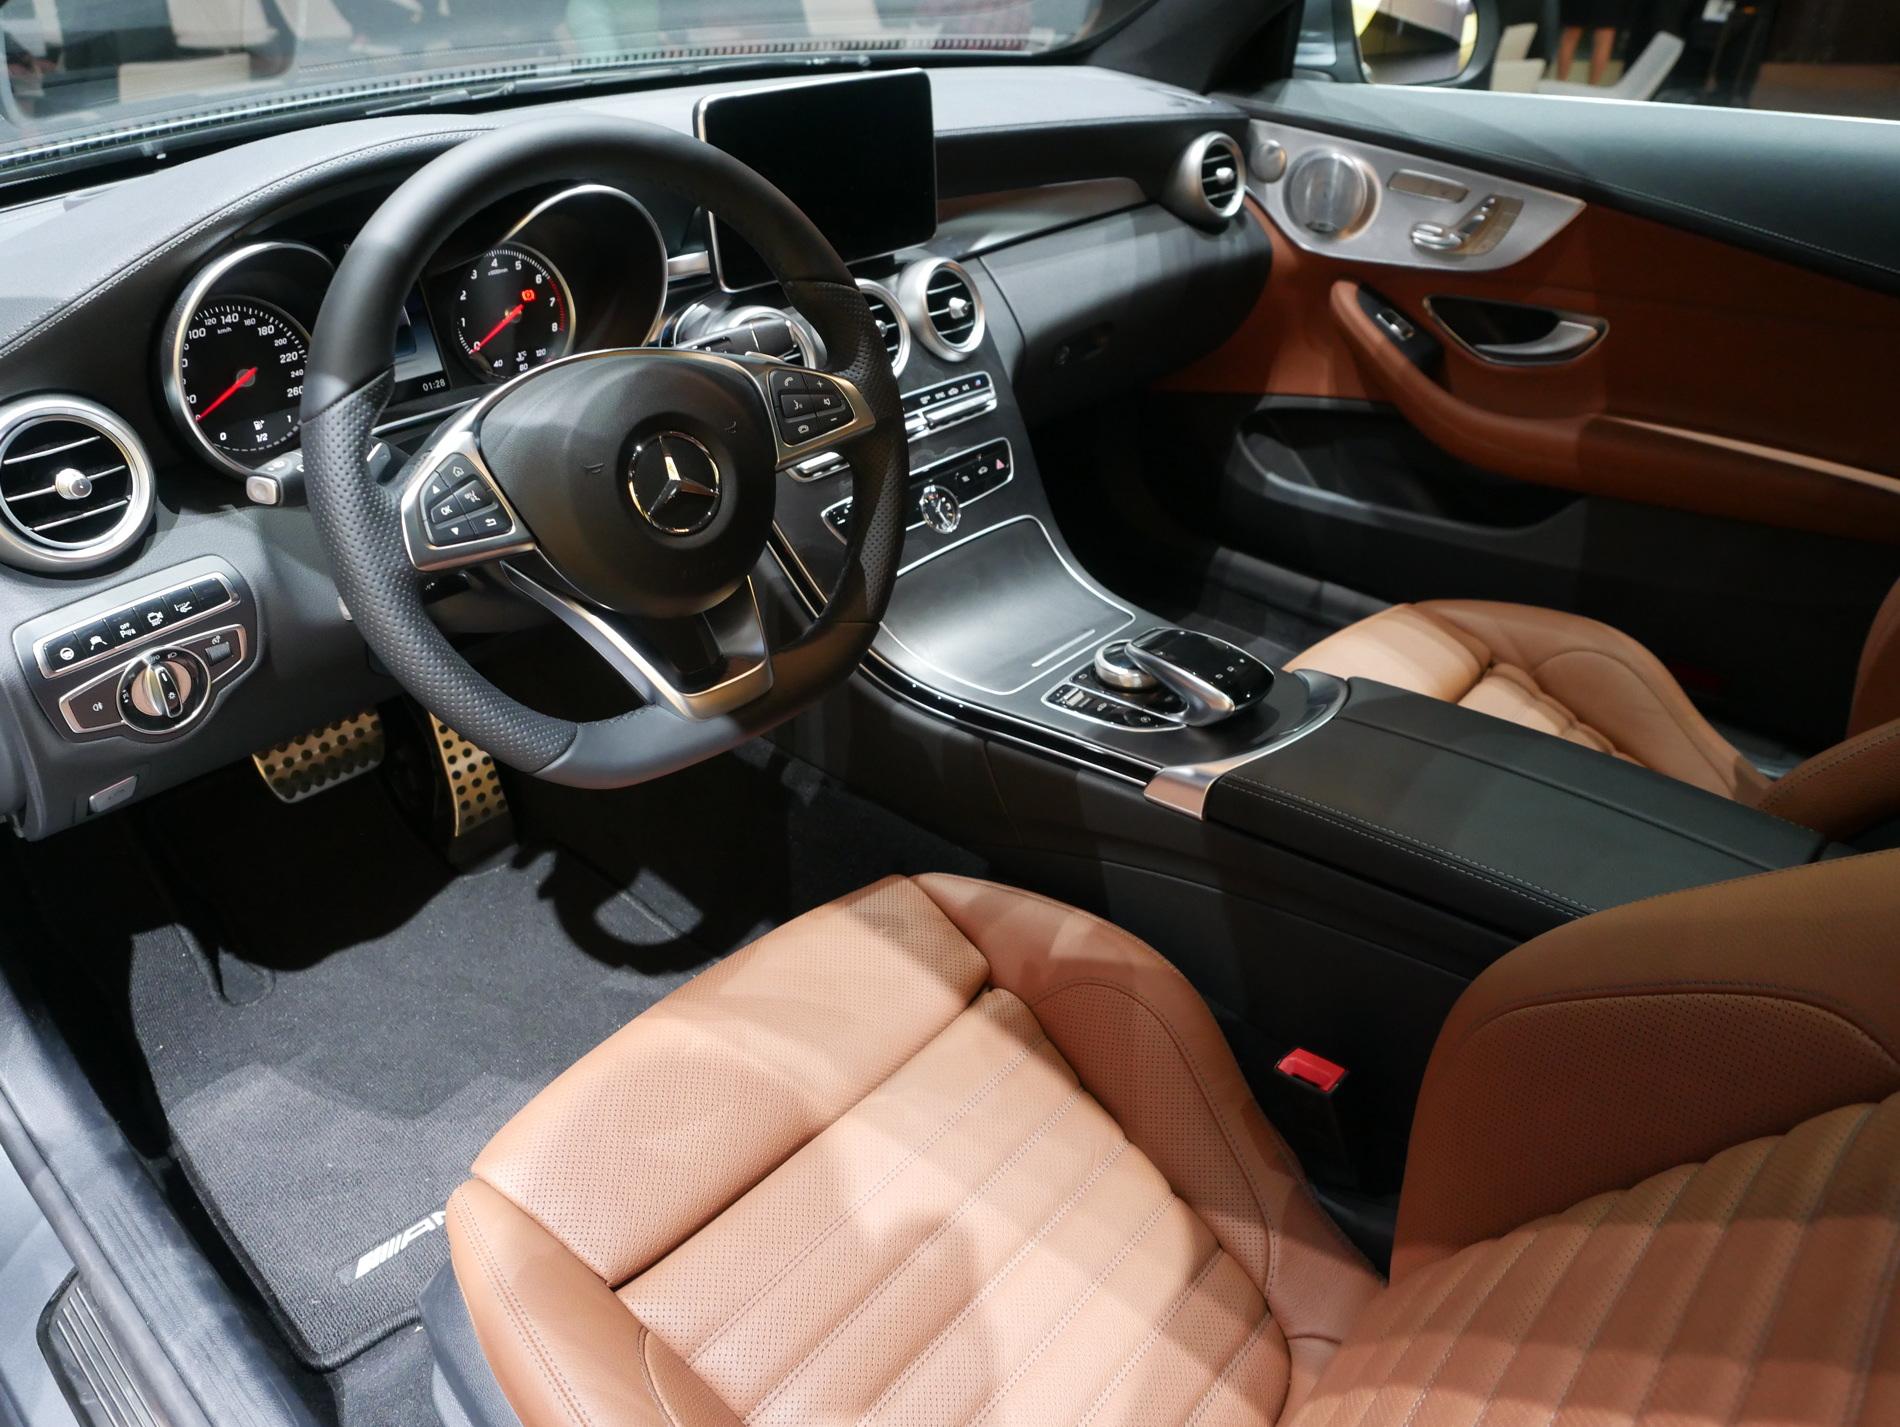 2016 Mercedes Benz C Class Coupe 2015 Frankfurt Auto Show